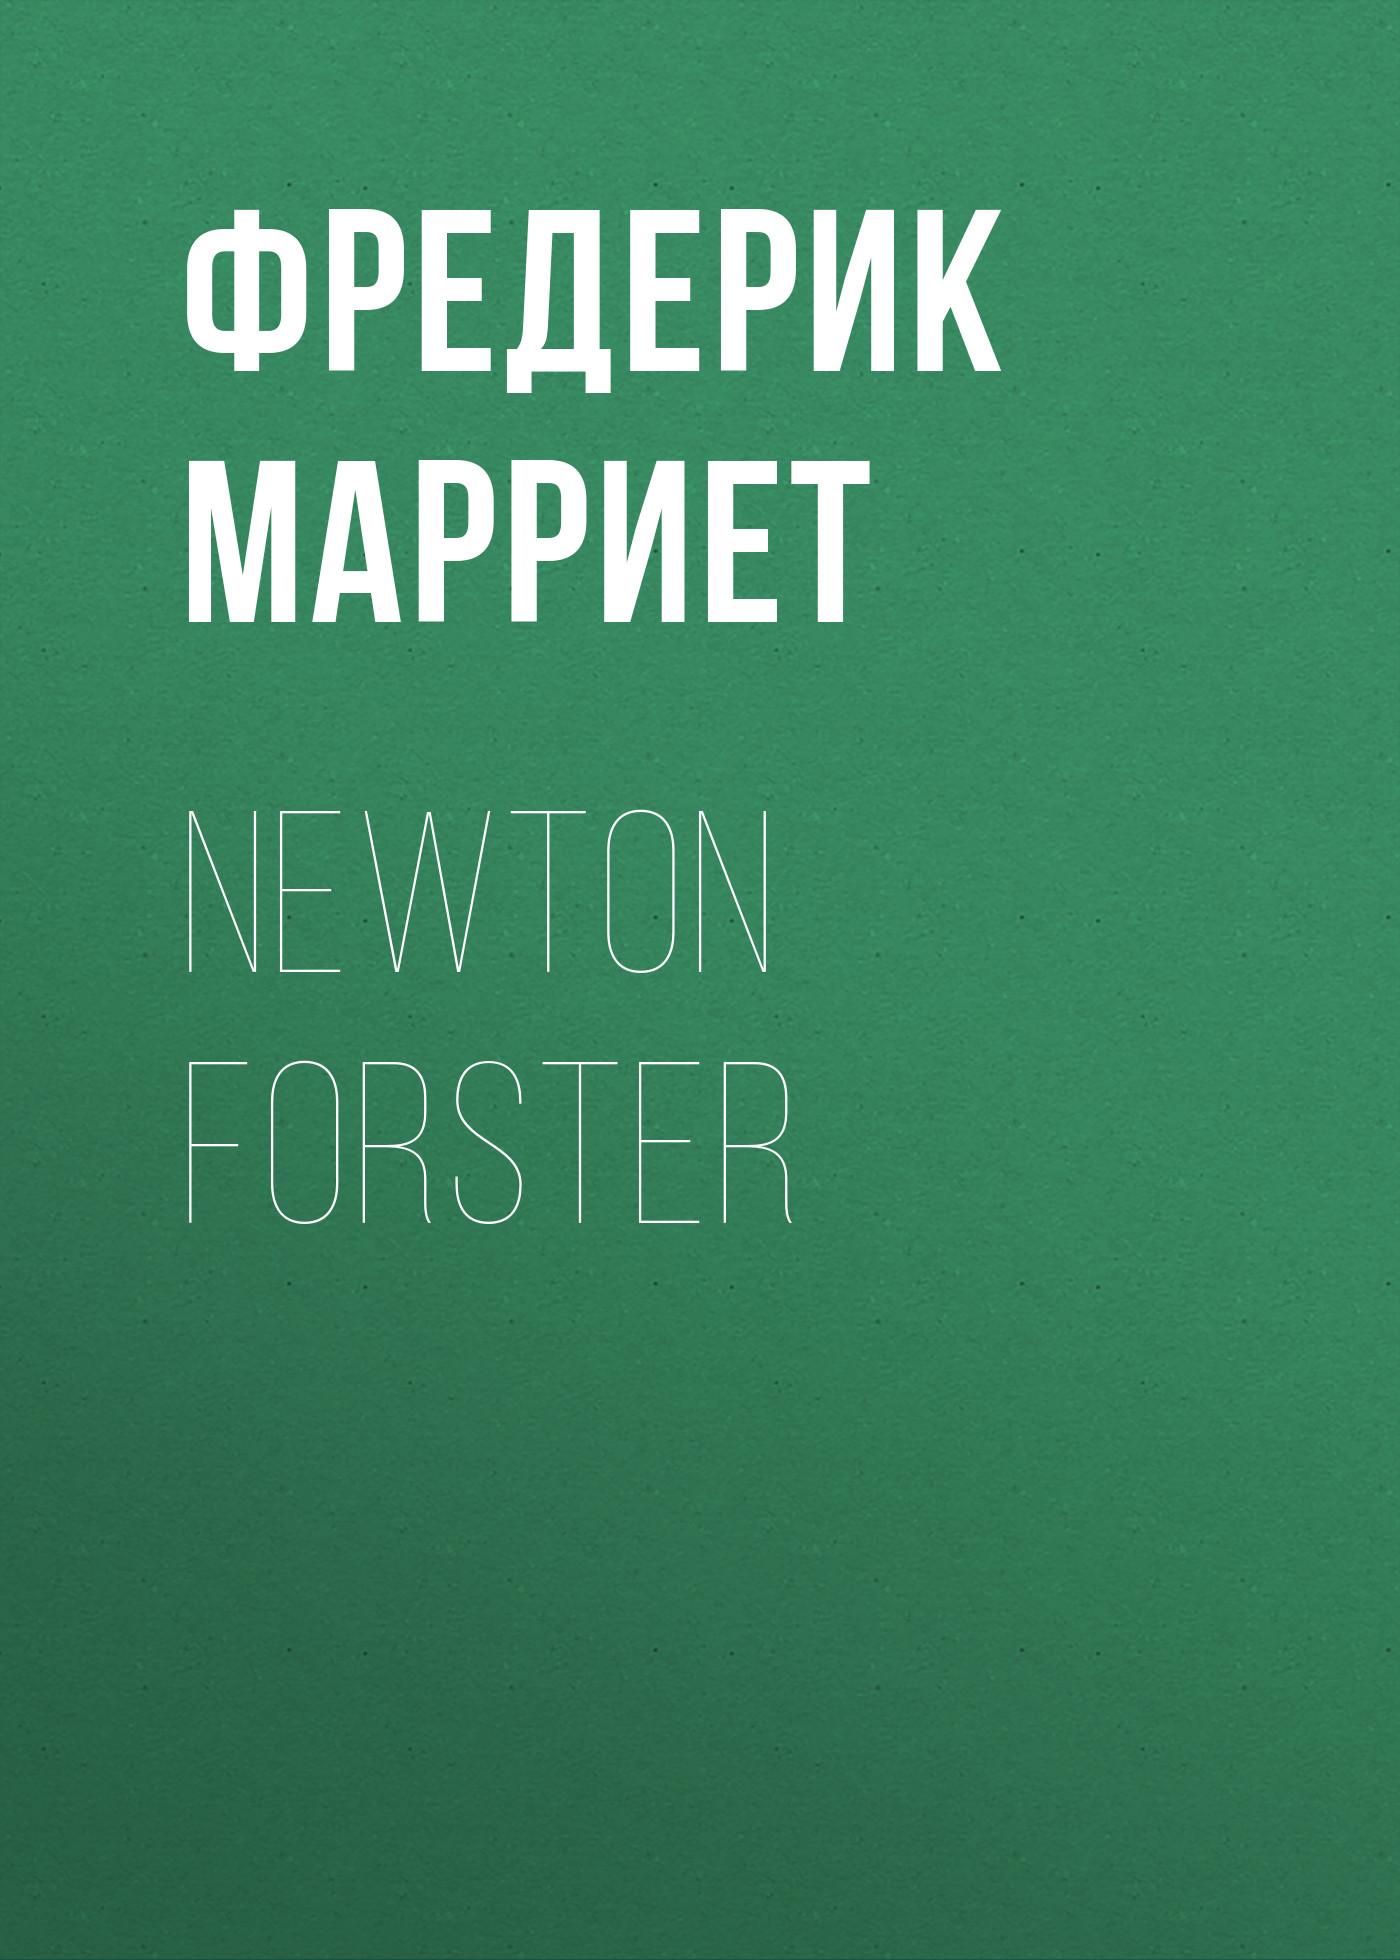 Фредерик Марриет Newton Forster фредерик марриет морской офицер франк мильдмей